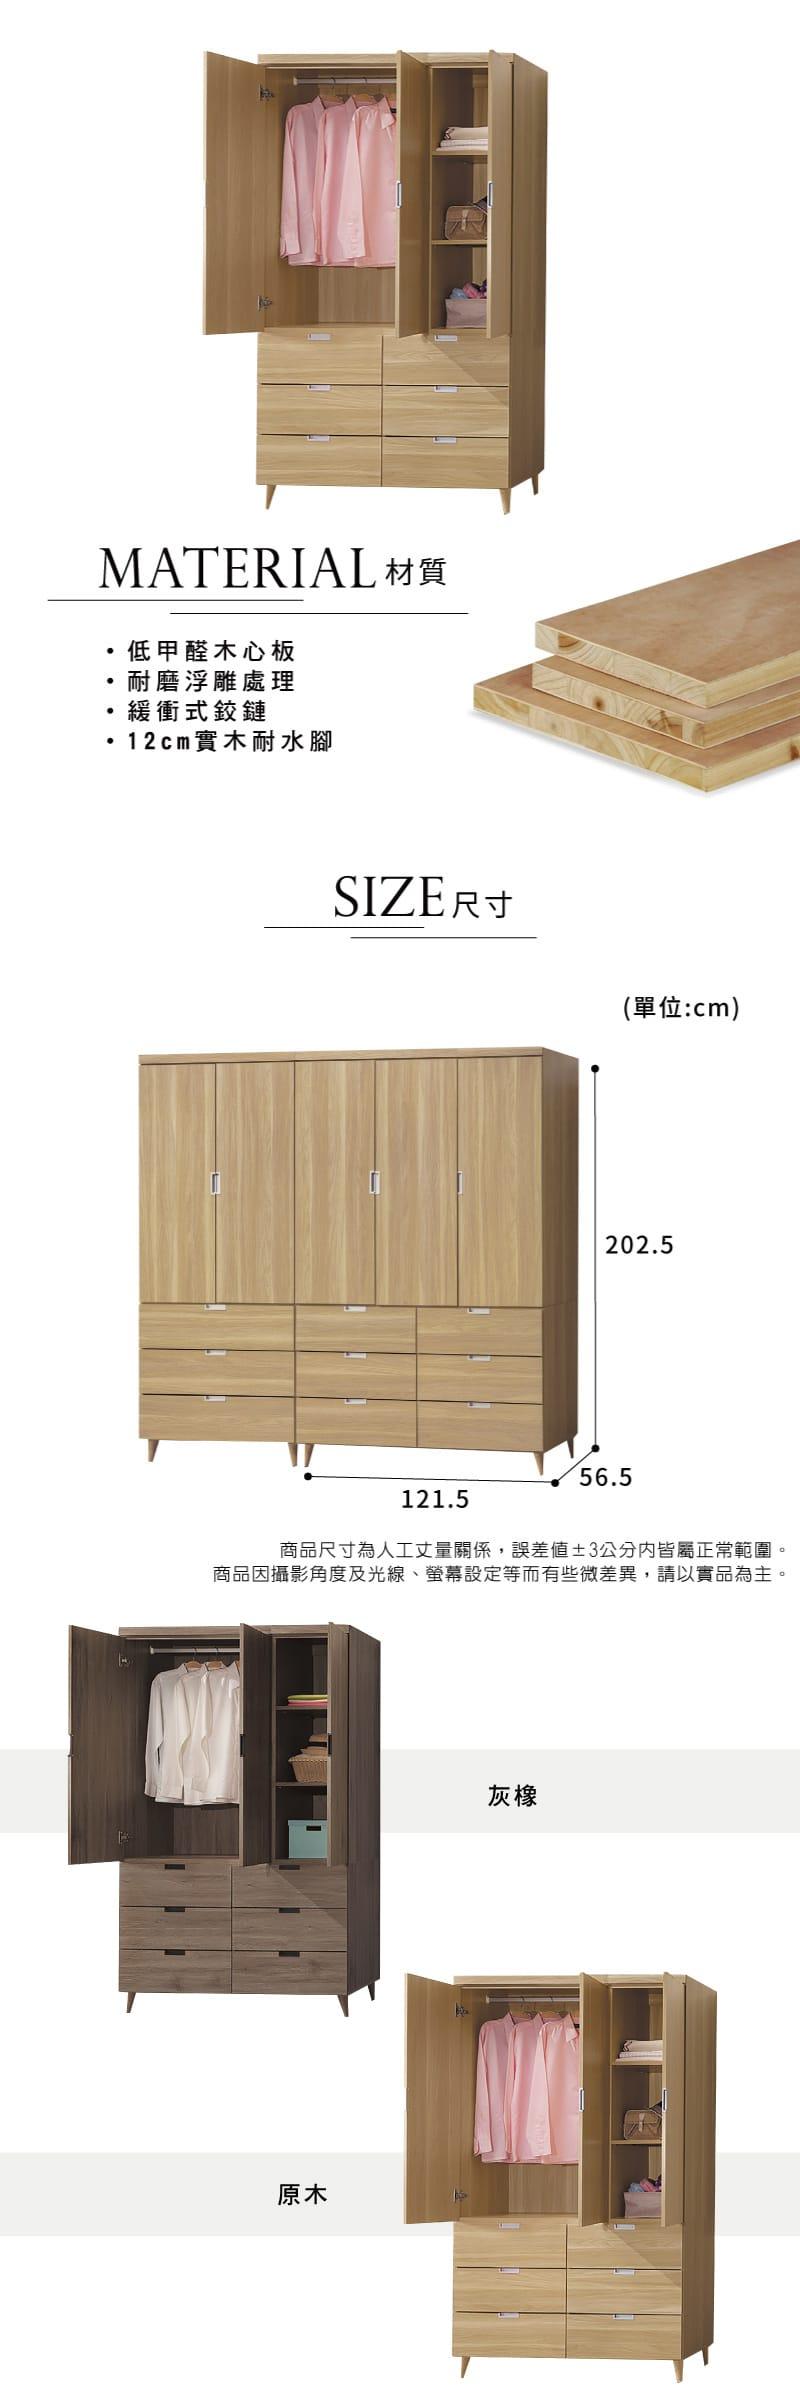 拉門收納置物衣櫃 寬122cm【羅德】